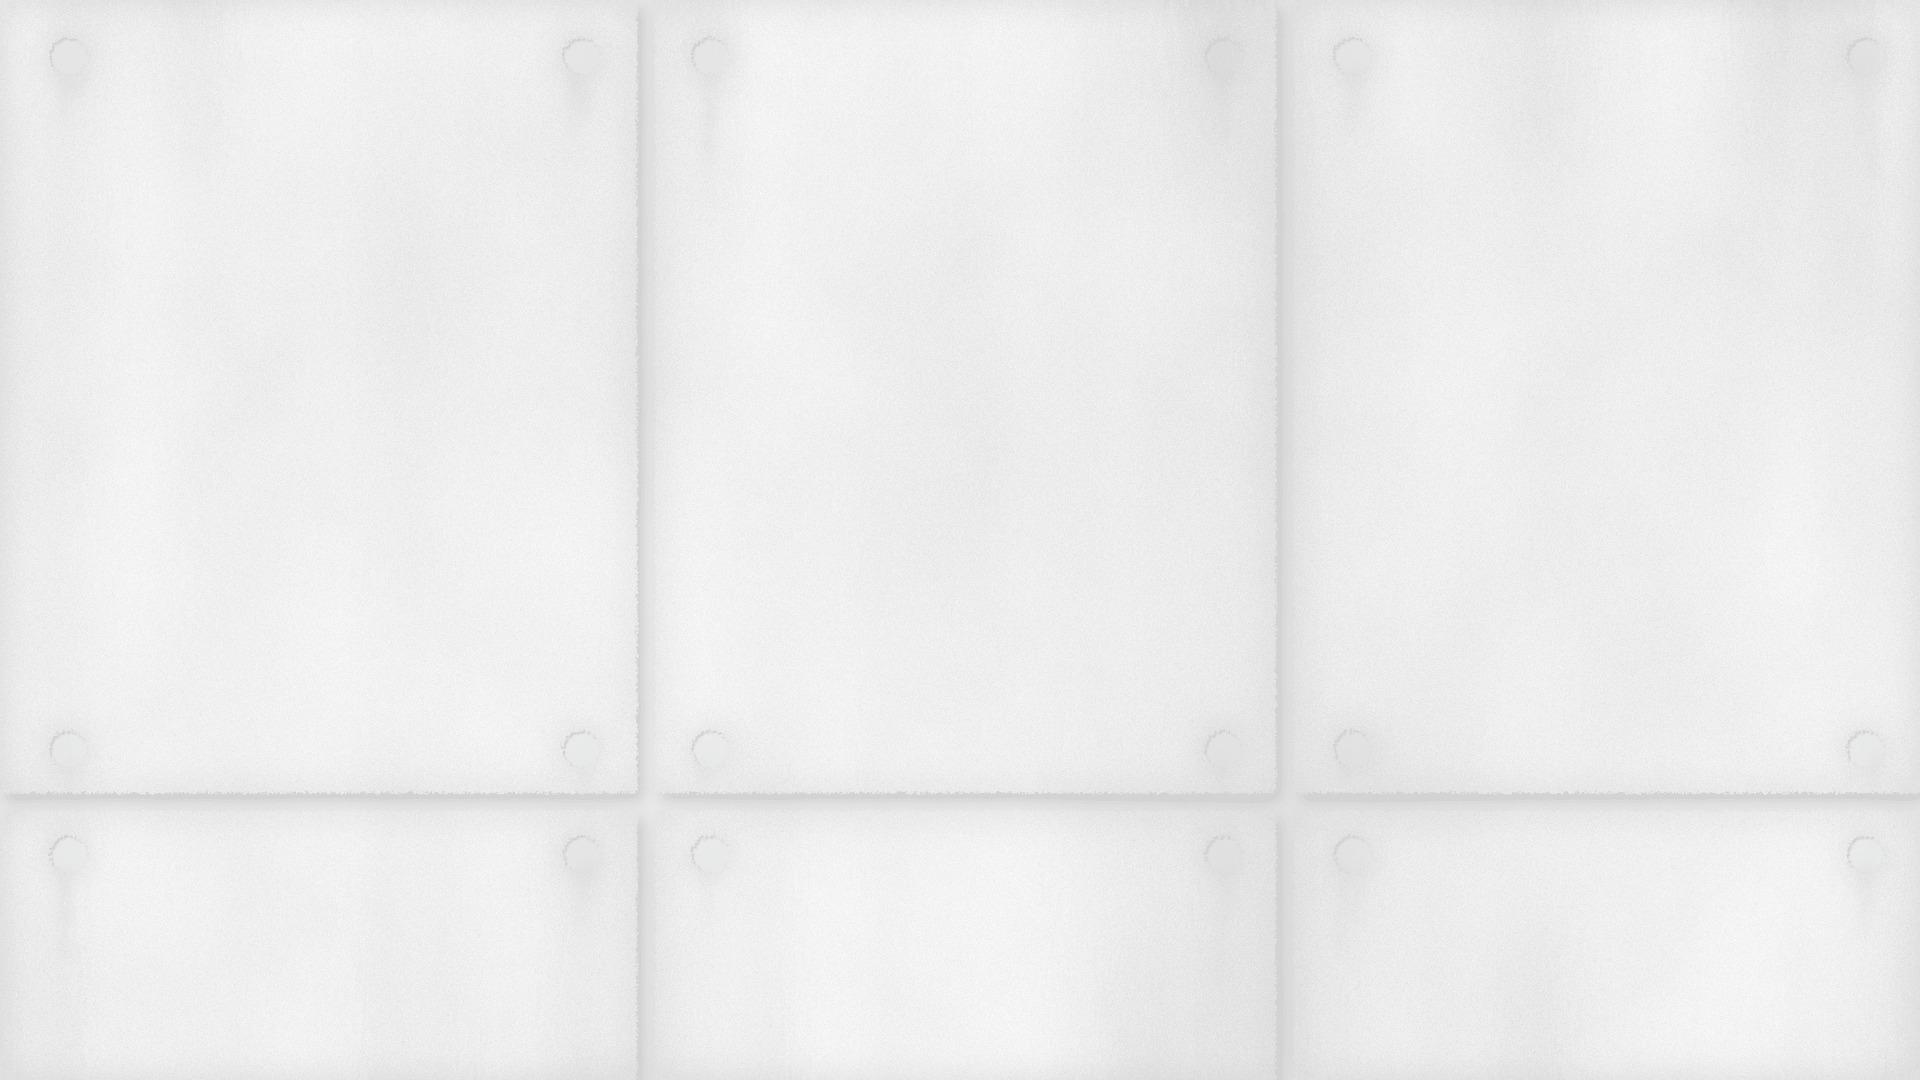 コンクリートの打ちっぱなし壁 壁紙背景画像2